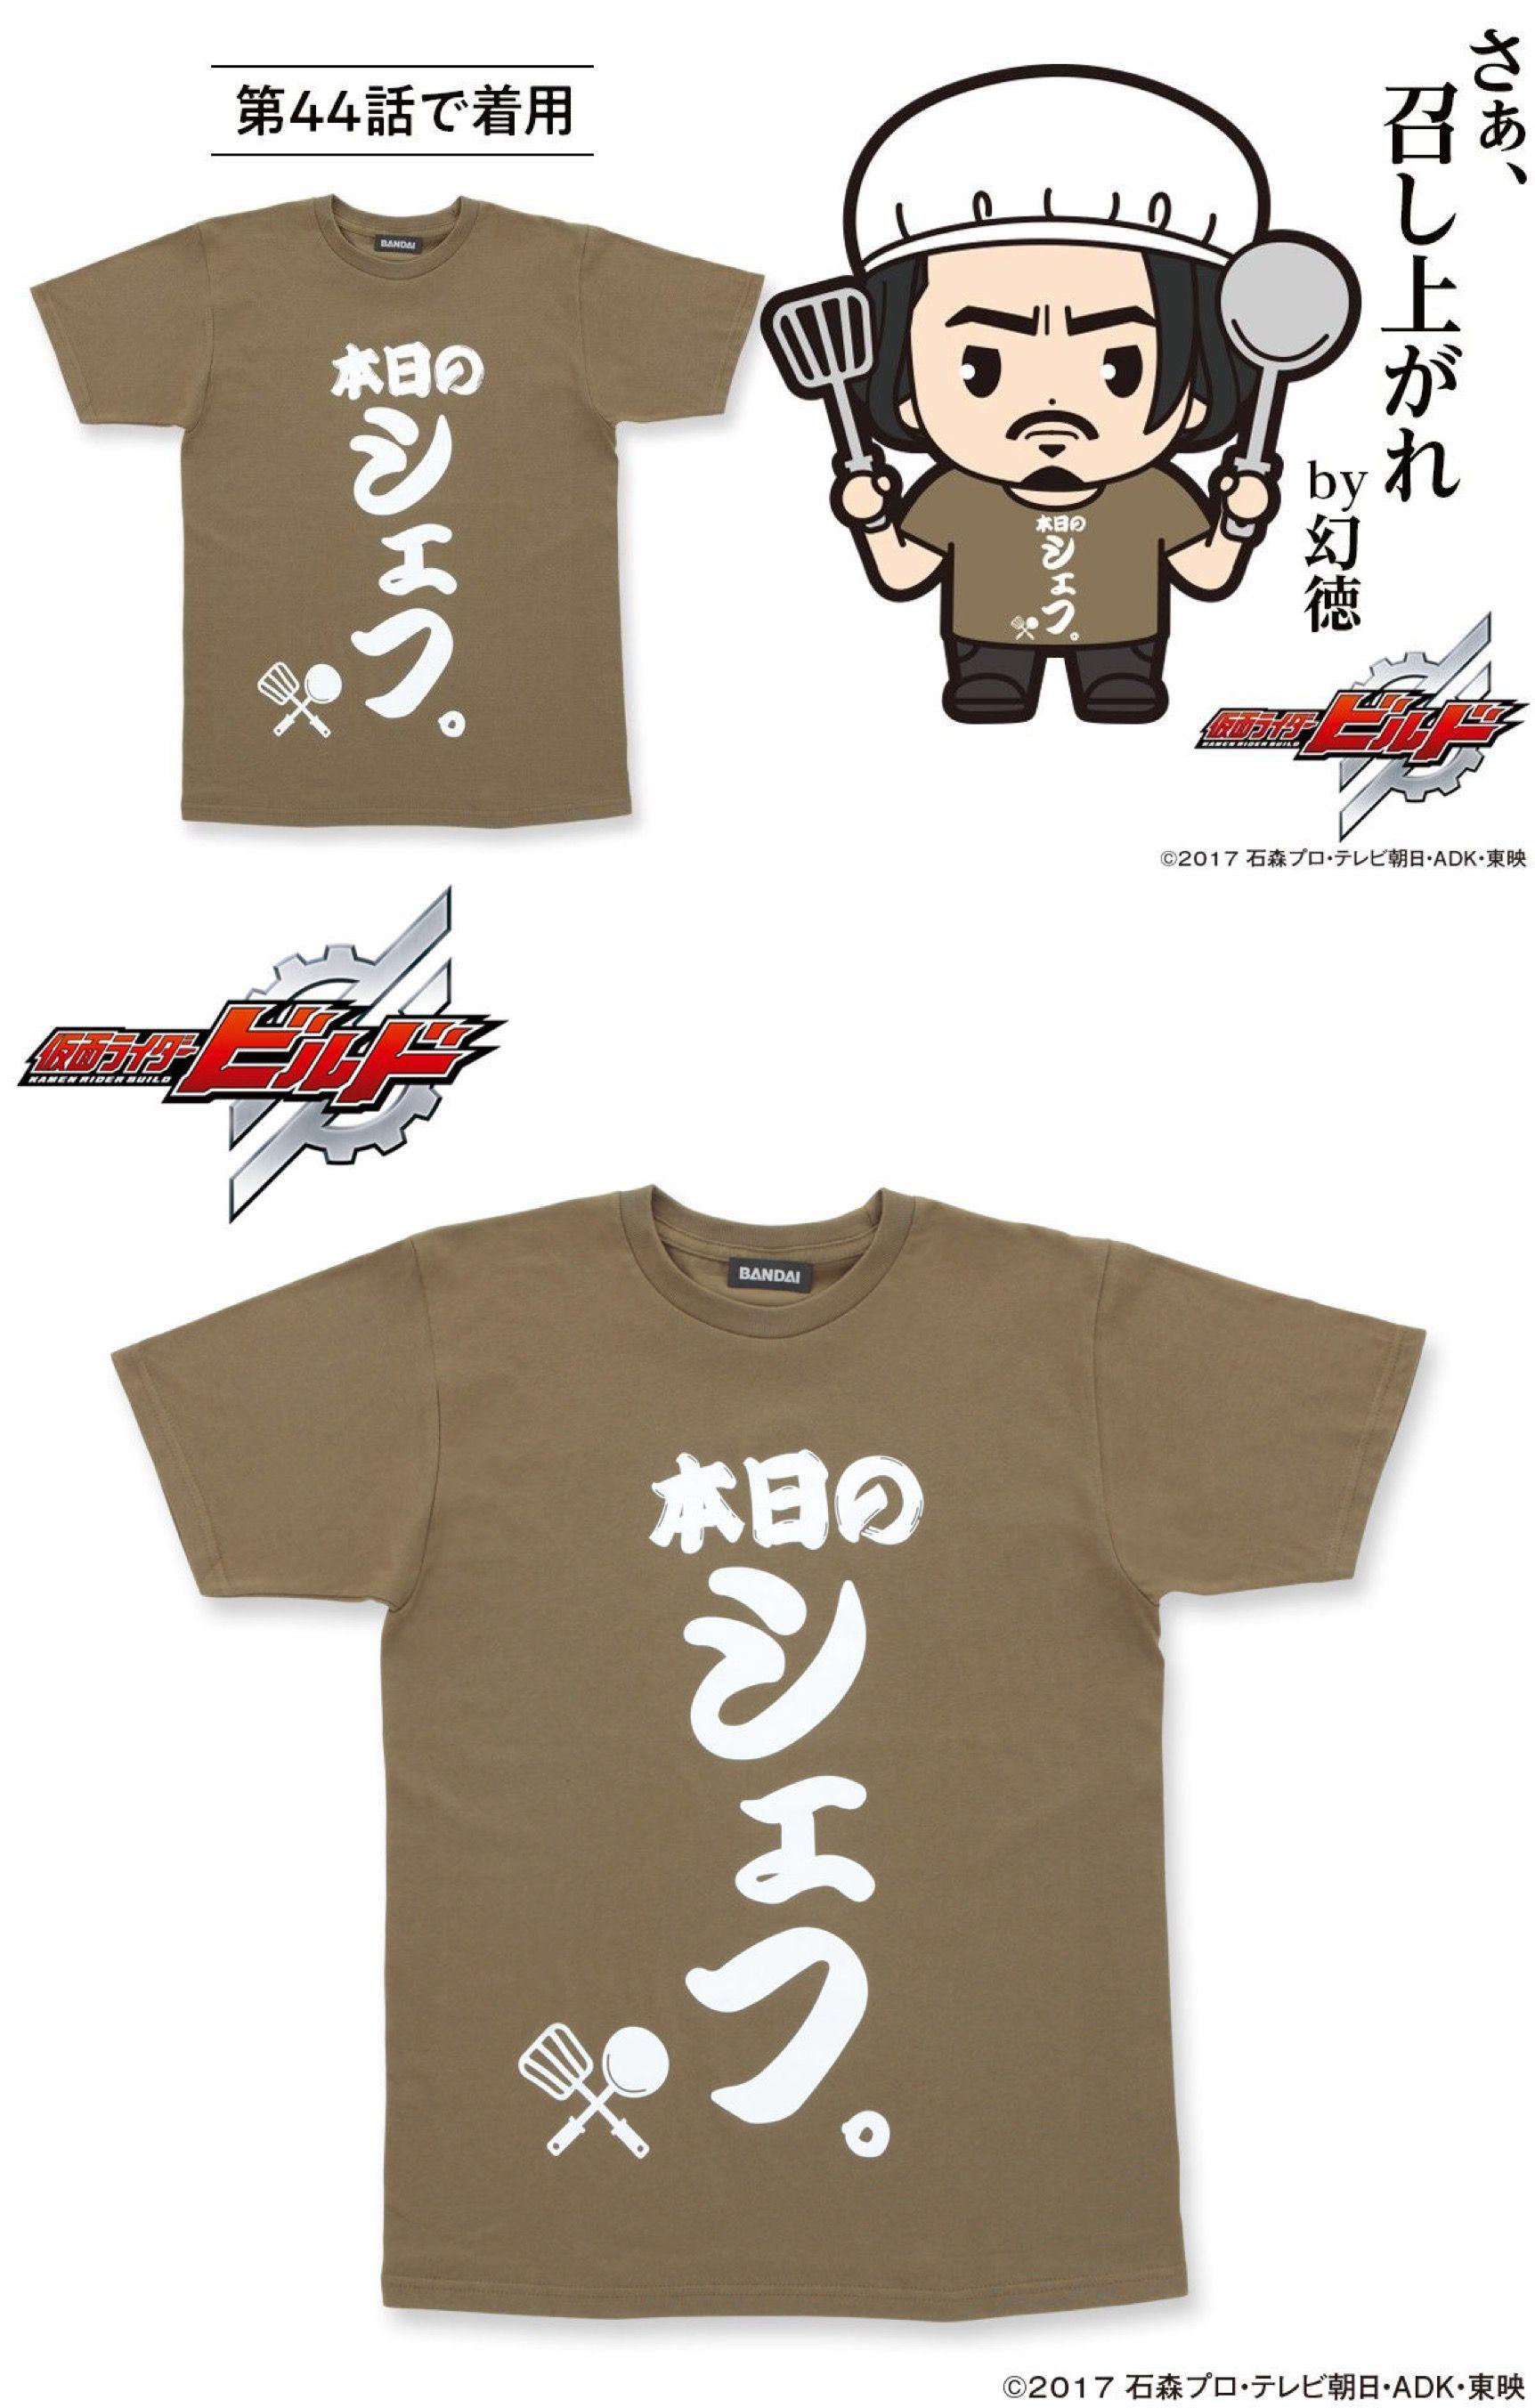 仮面ライダービルド 幻徳さんtシャツ 本日のシェフ http p bandai jp item item 1000126606 kamen rider rider mens tshirts